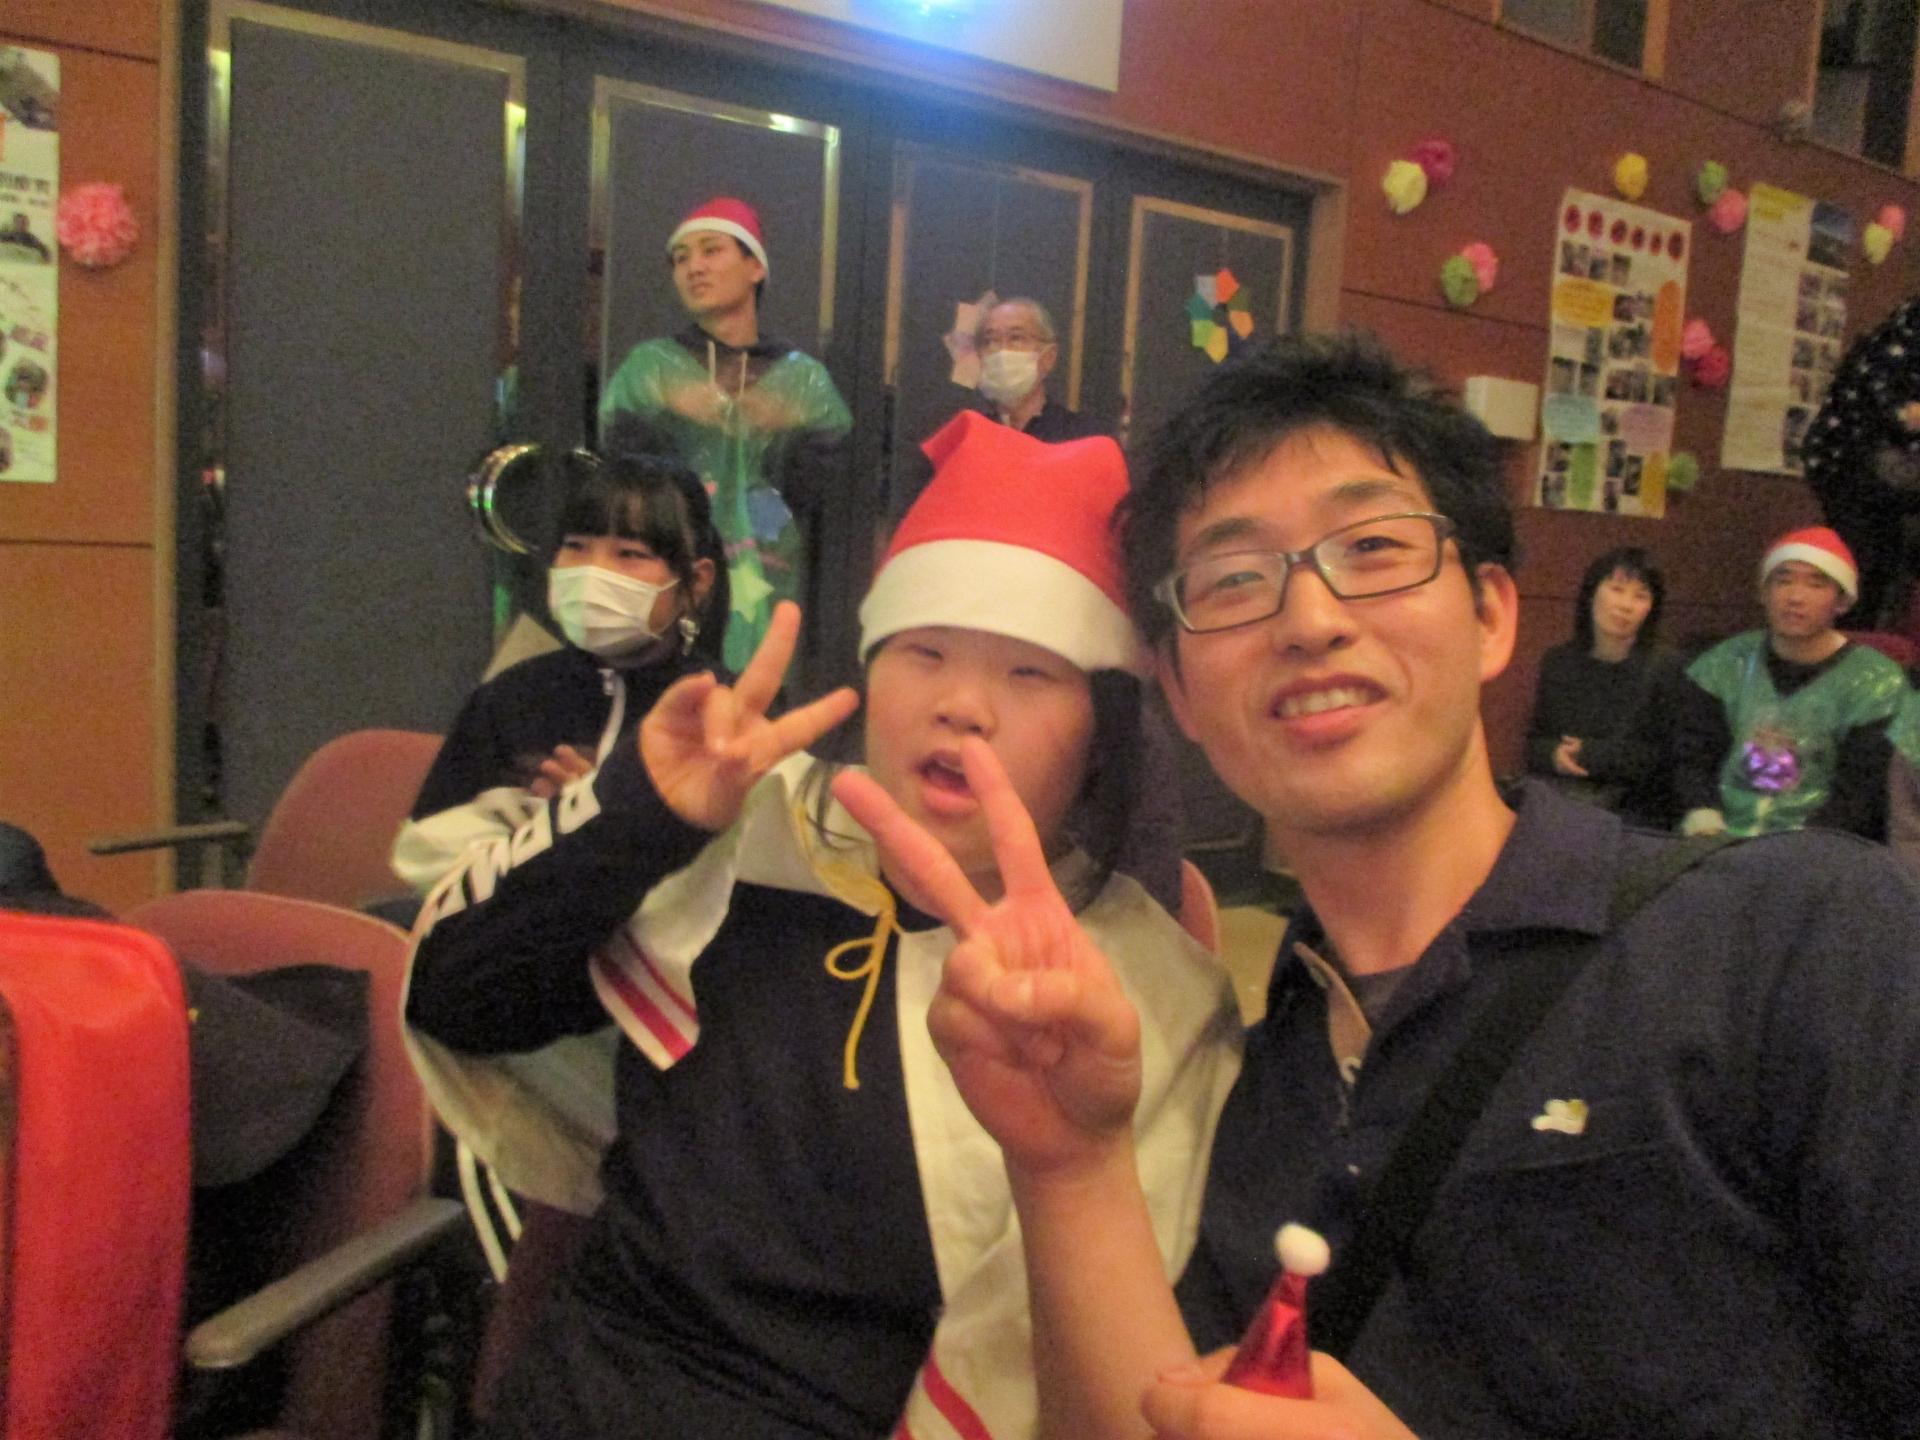 管理者の木村さん(写真右)。色々話を聞いてくれますよ♪